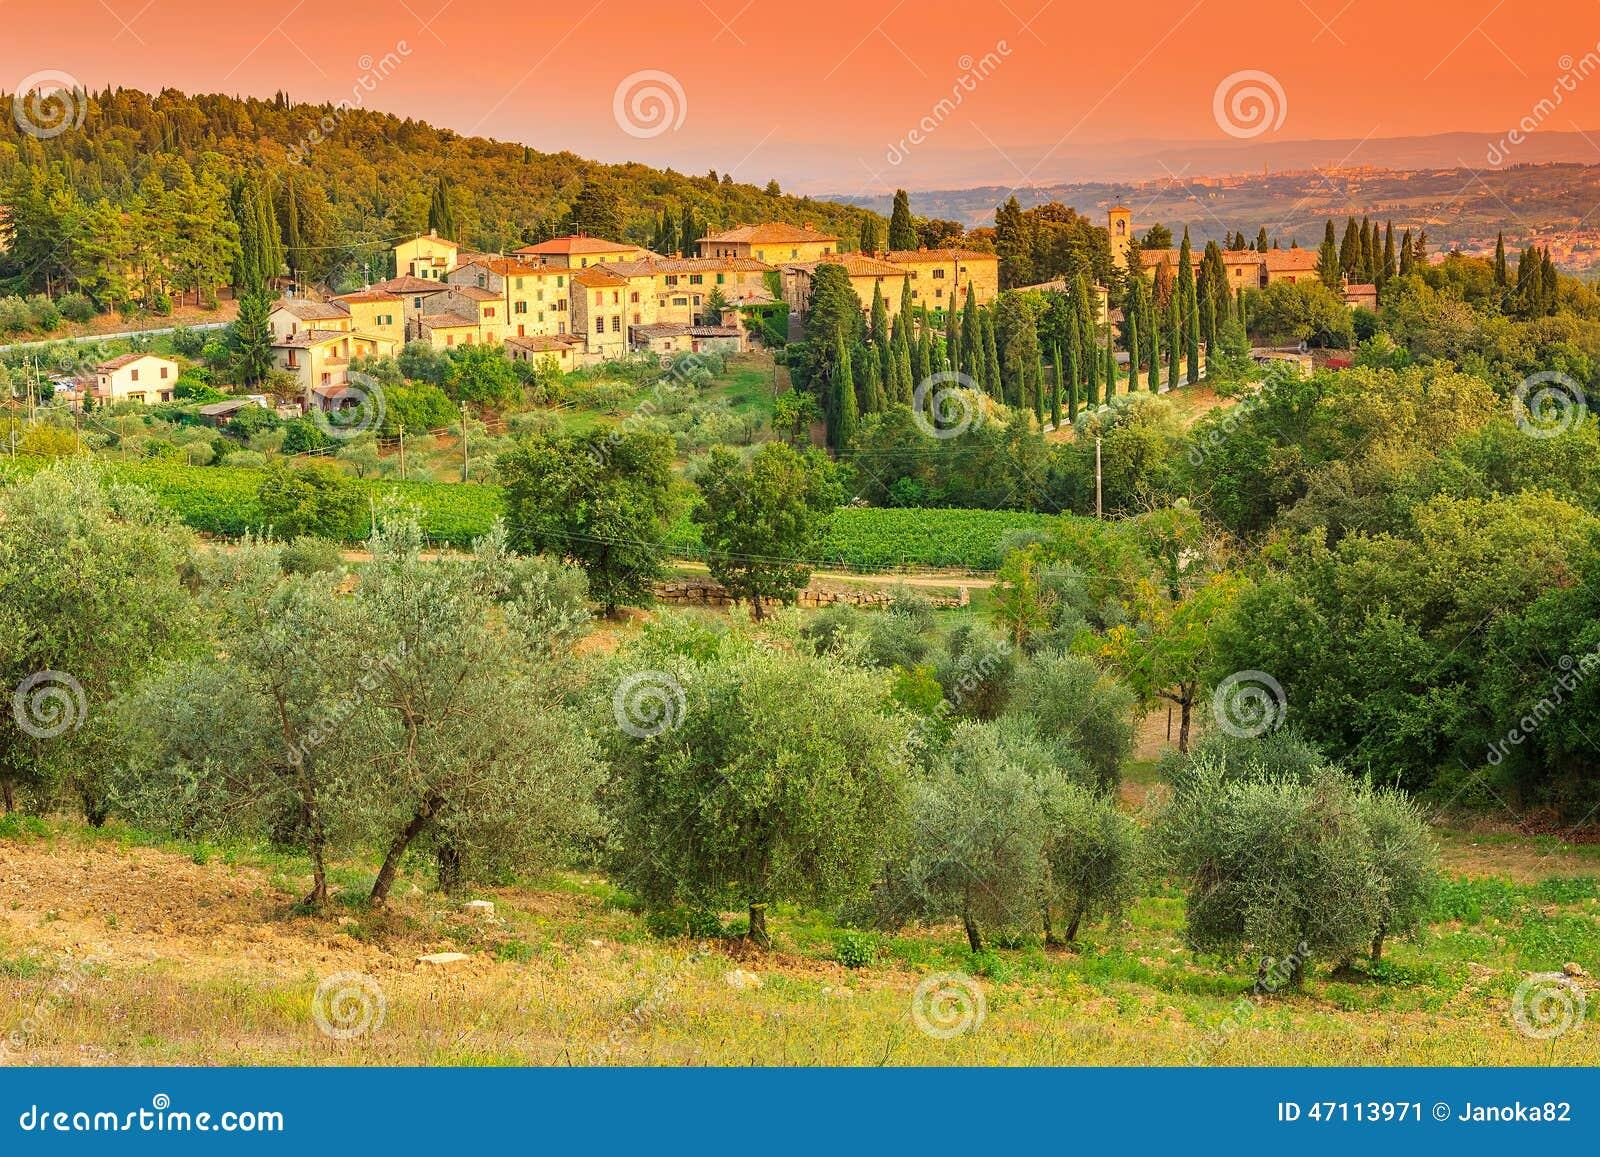 Paysage de la Toscane avec la ville et la plantation olive sur la colline